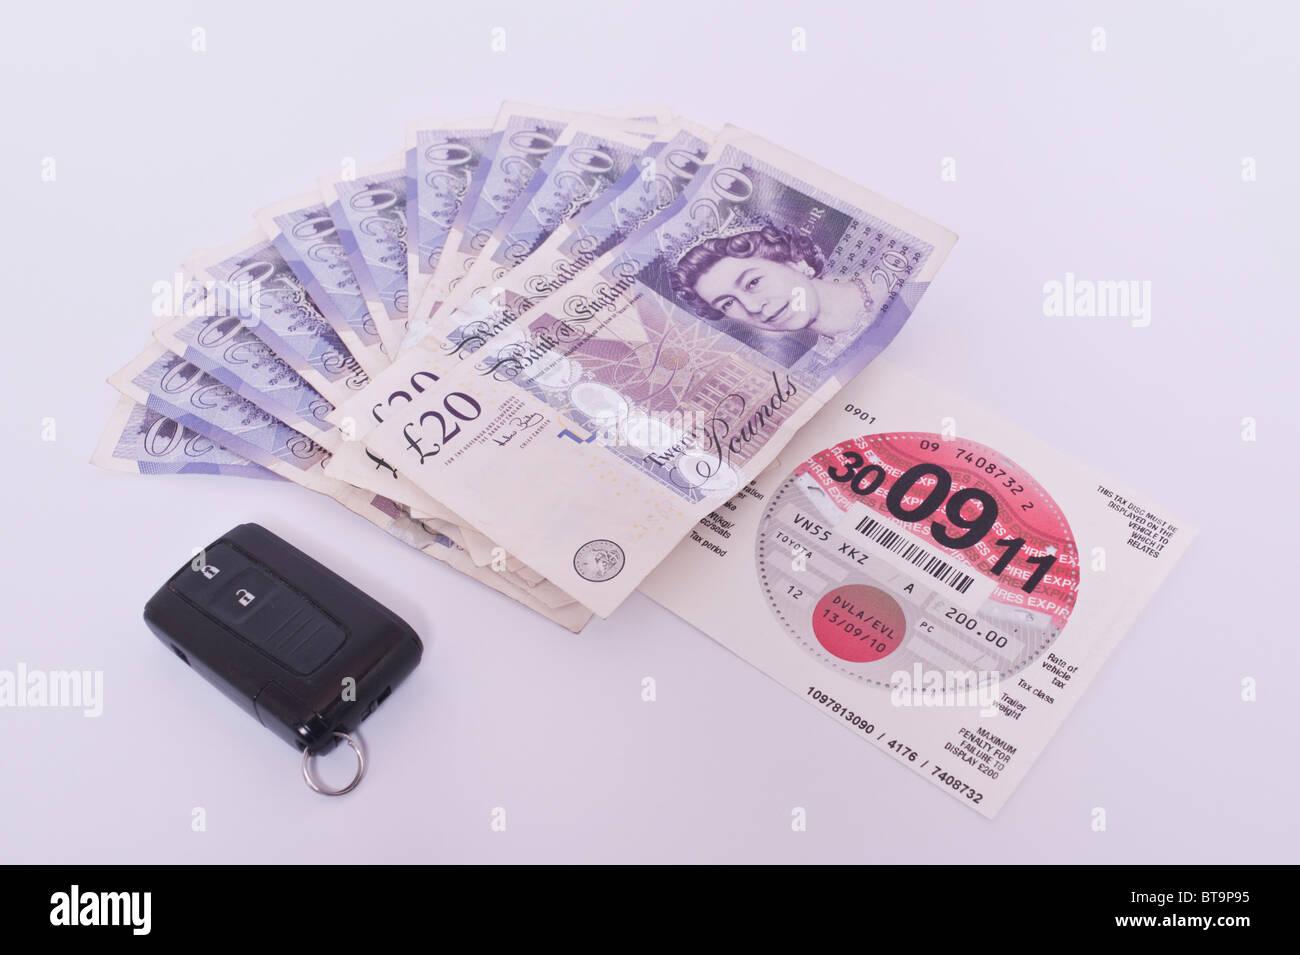 Una tassa automobilistica di disco della licenza del veicolo con €200 in contanti e le chiavi dell'auto su sfondo Immagini Stock